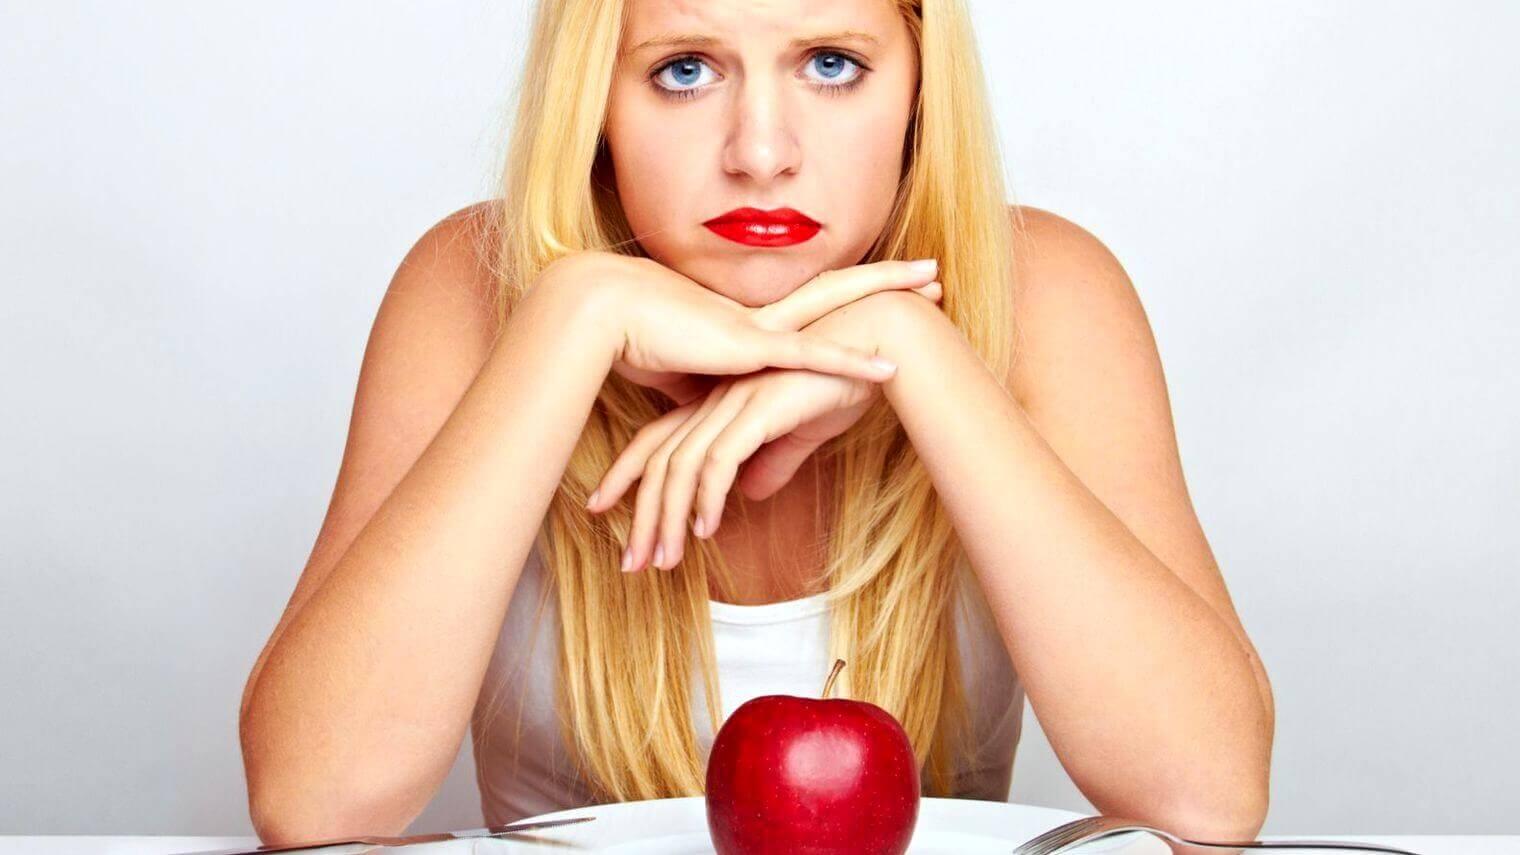 Vous essayez de perdre du poids ? Et vous souhaitez atteindre votre objectif le plus rapidement possible ? Quitte à ne pas suivre les bonnes pratiques pour maigrir ? Voici les 3 erreurs les plus fréquentes à ne surtout pas commettre pour réussir vos objectifs minceur !